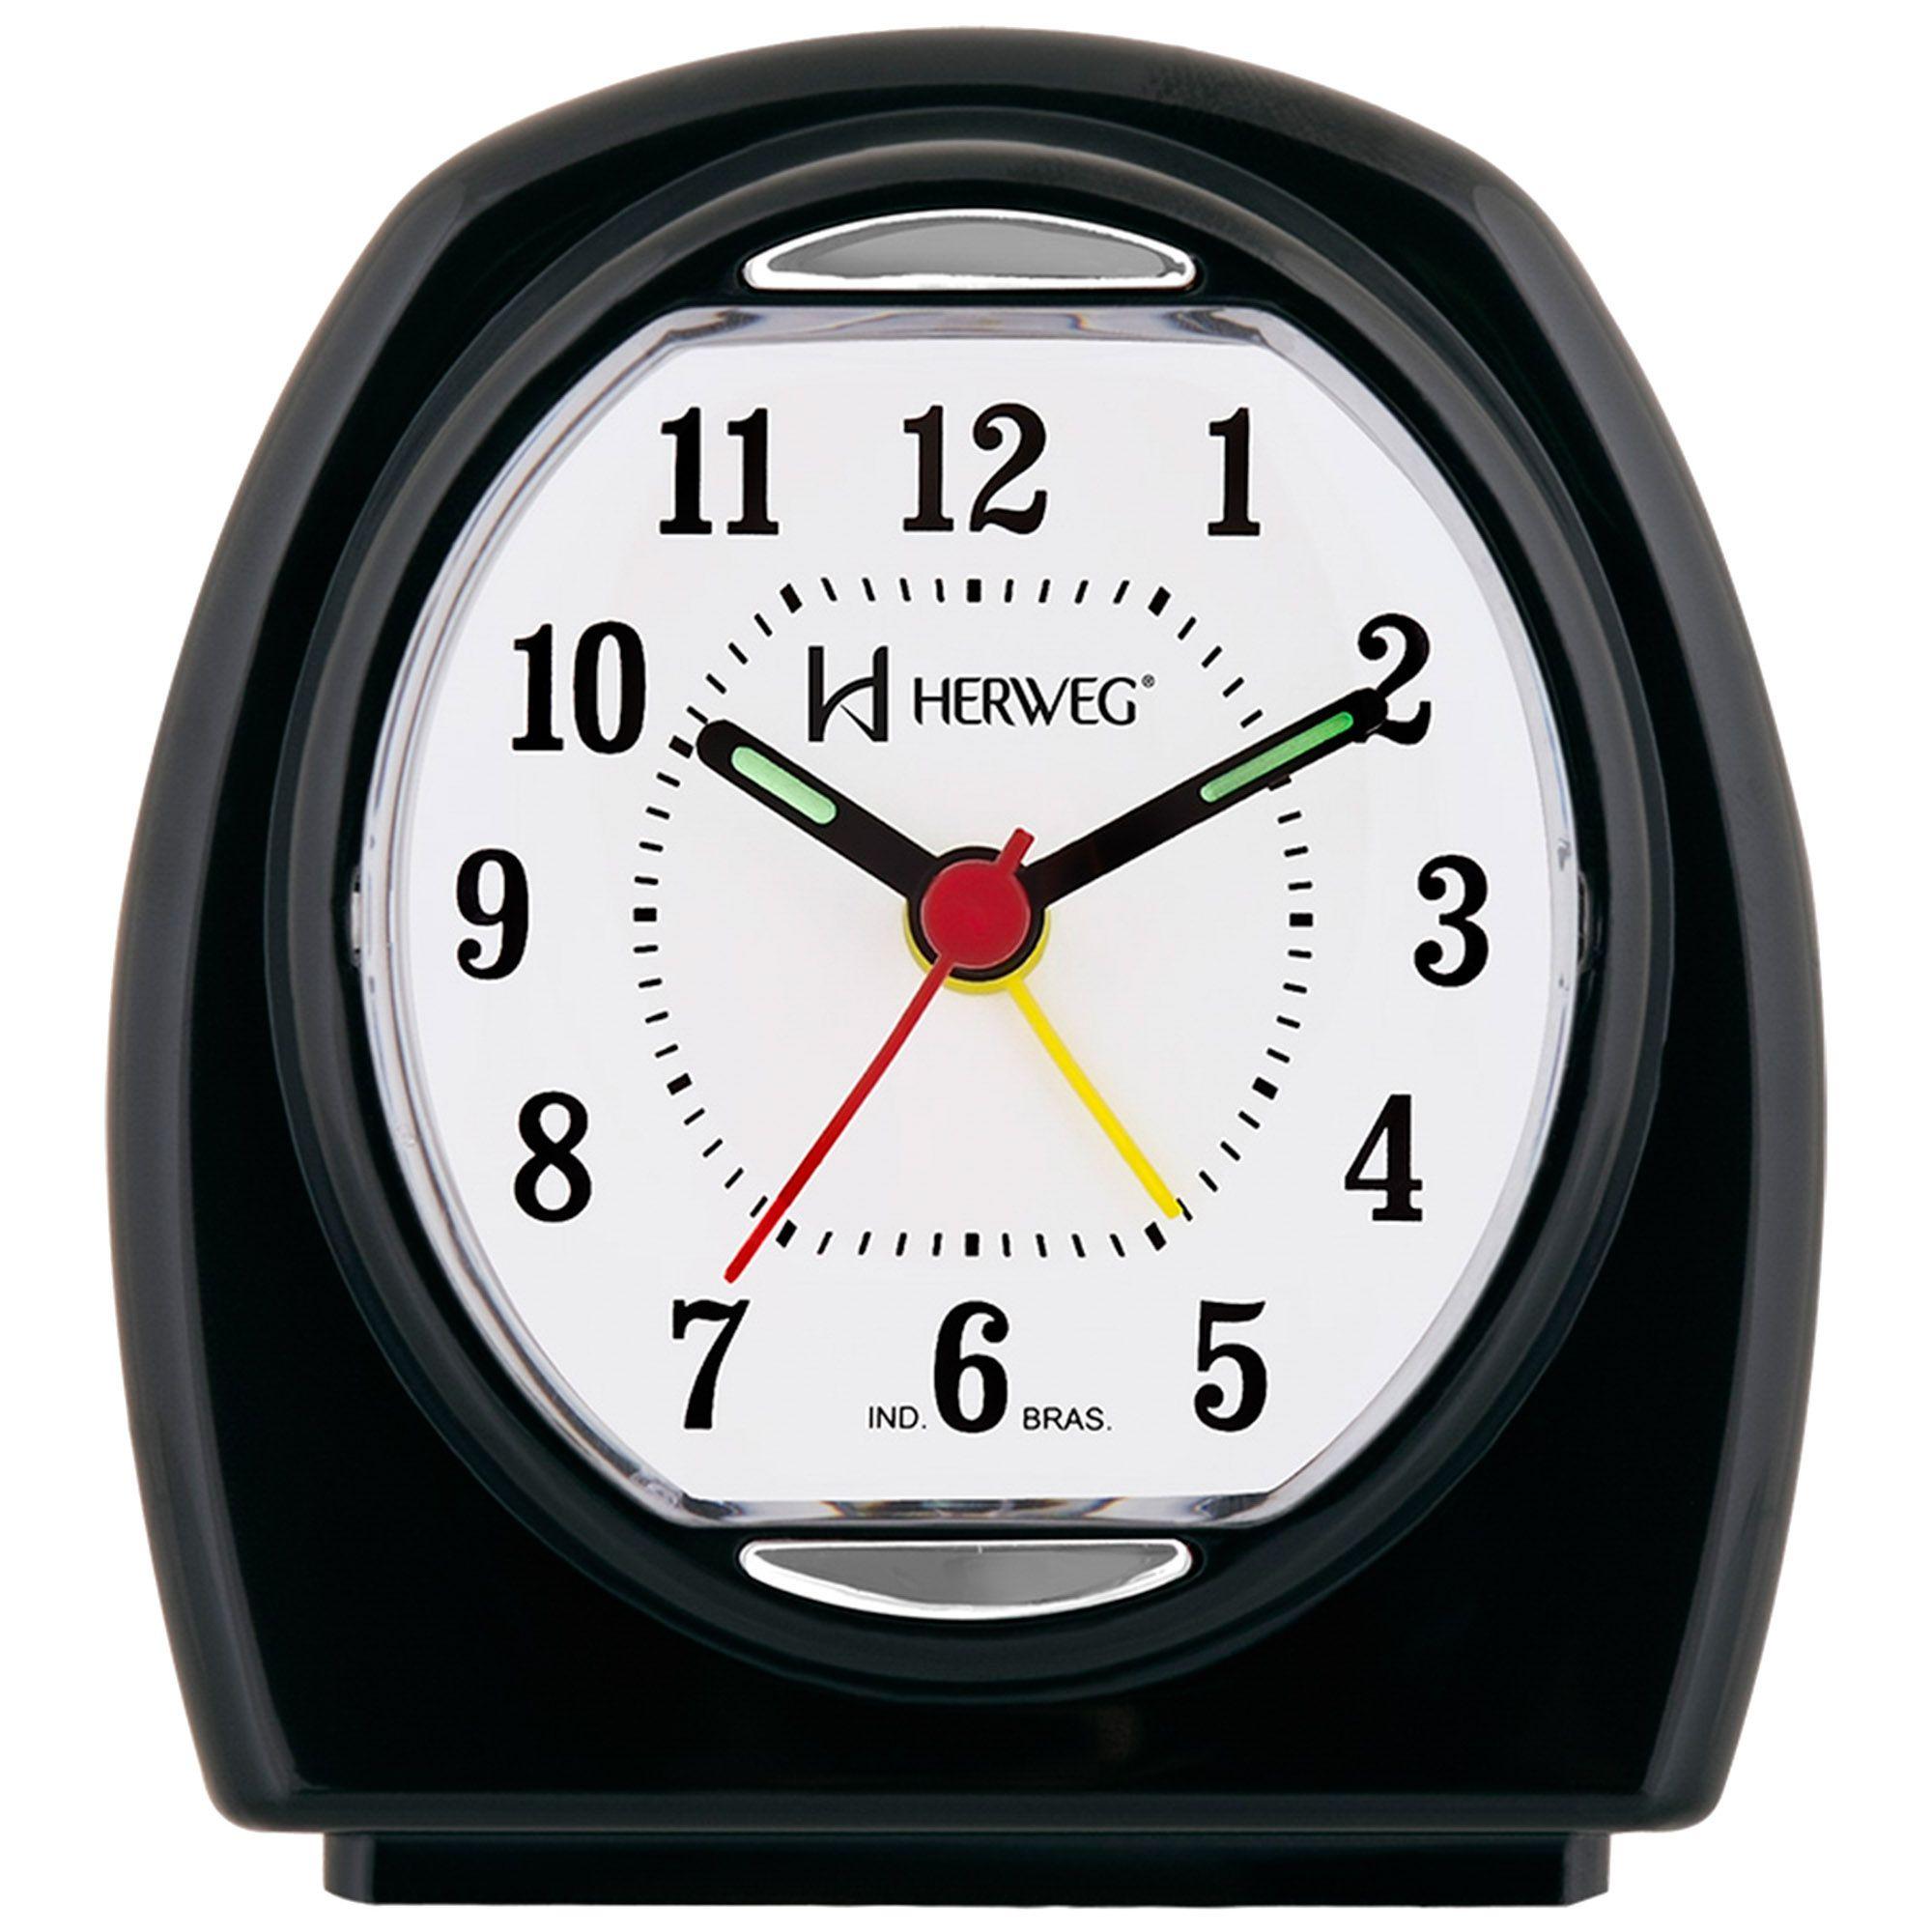 Despertador Analógico Quartzo Herweg 2633 034 Preto